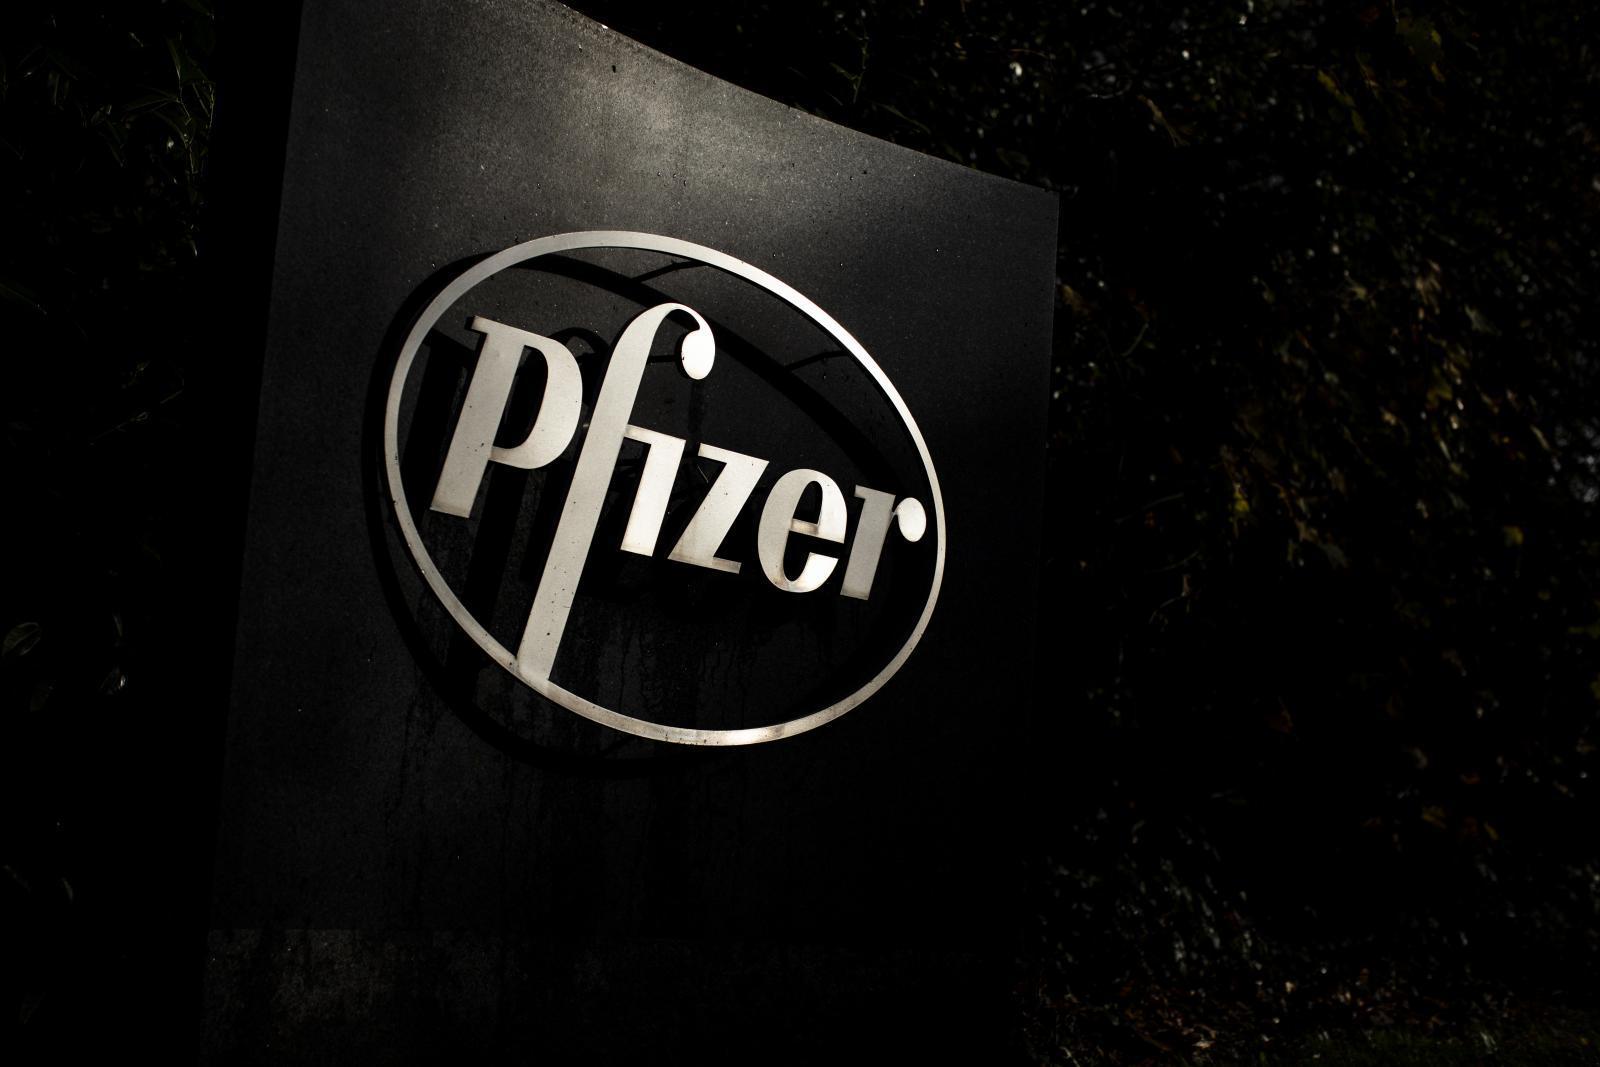 """""""เพนซ์"""" อวย """"ทรัมป์"""" ช่วยให้วัคซีนโควิด-19 สำเร็จ ด้าน Pfizer ออกมาปฏิเสธ"""